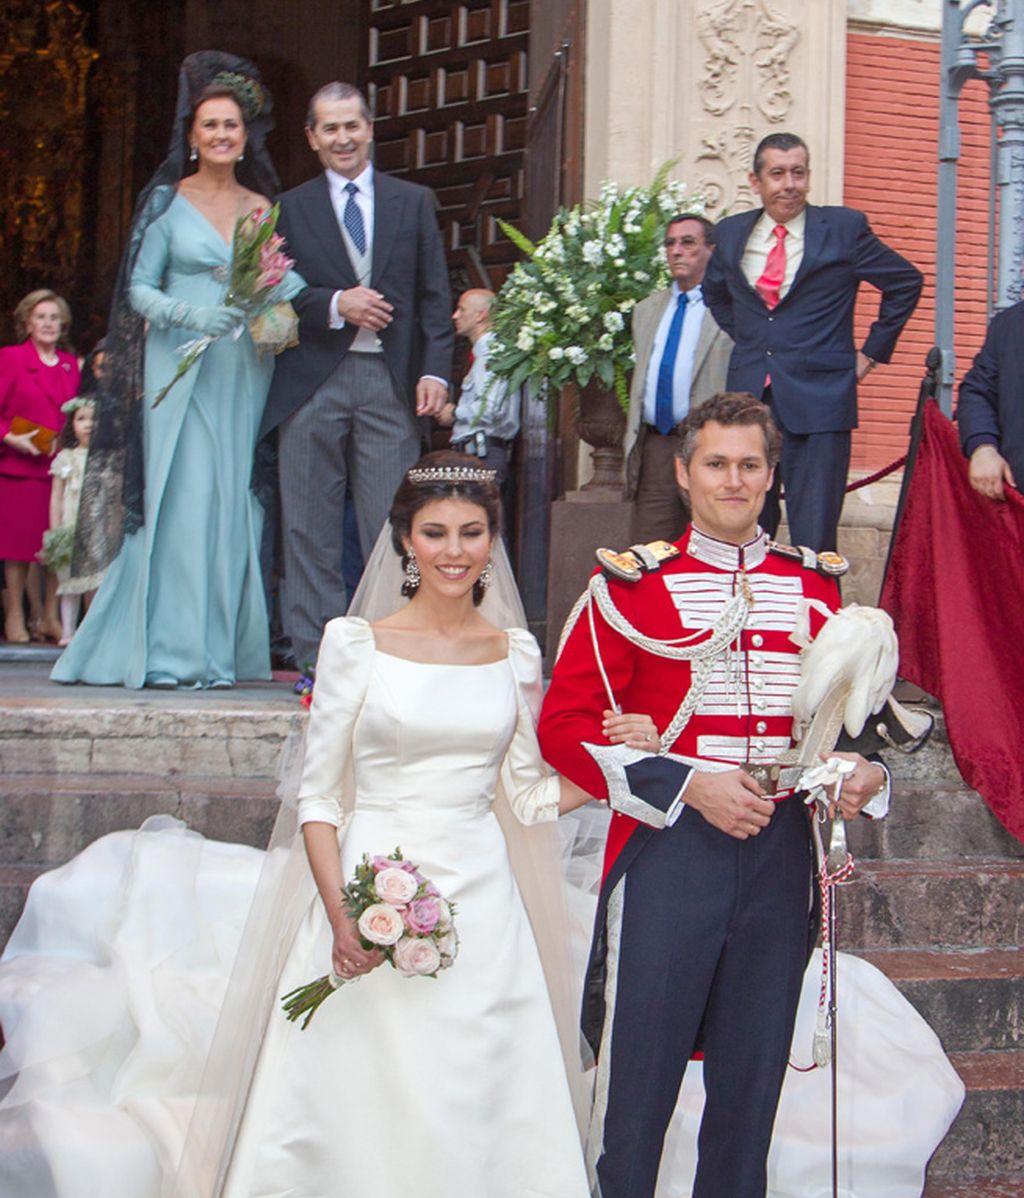 Los recién casados a la salida de la iglesia